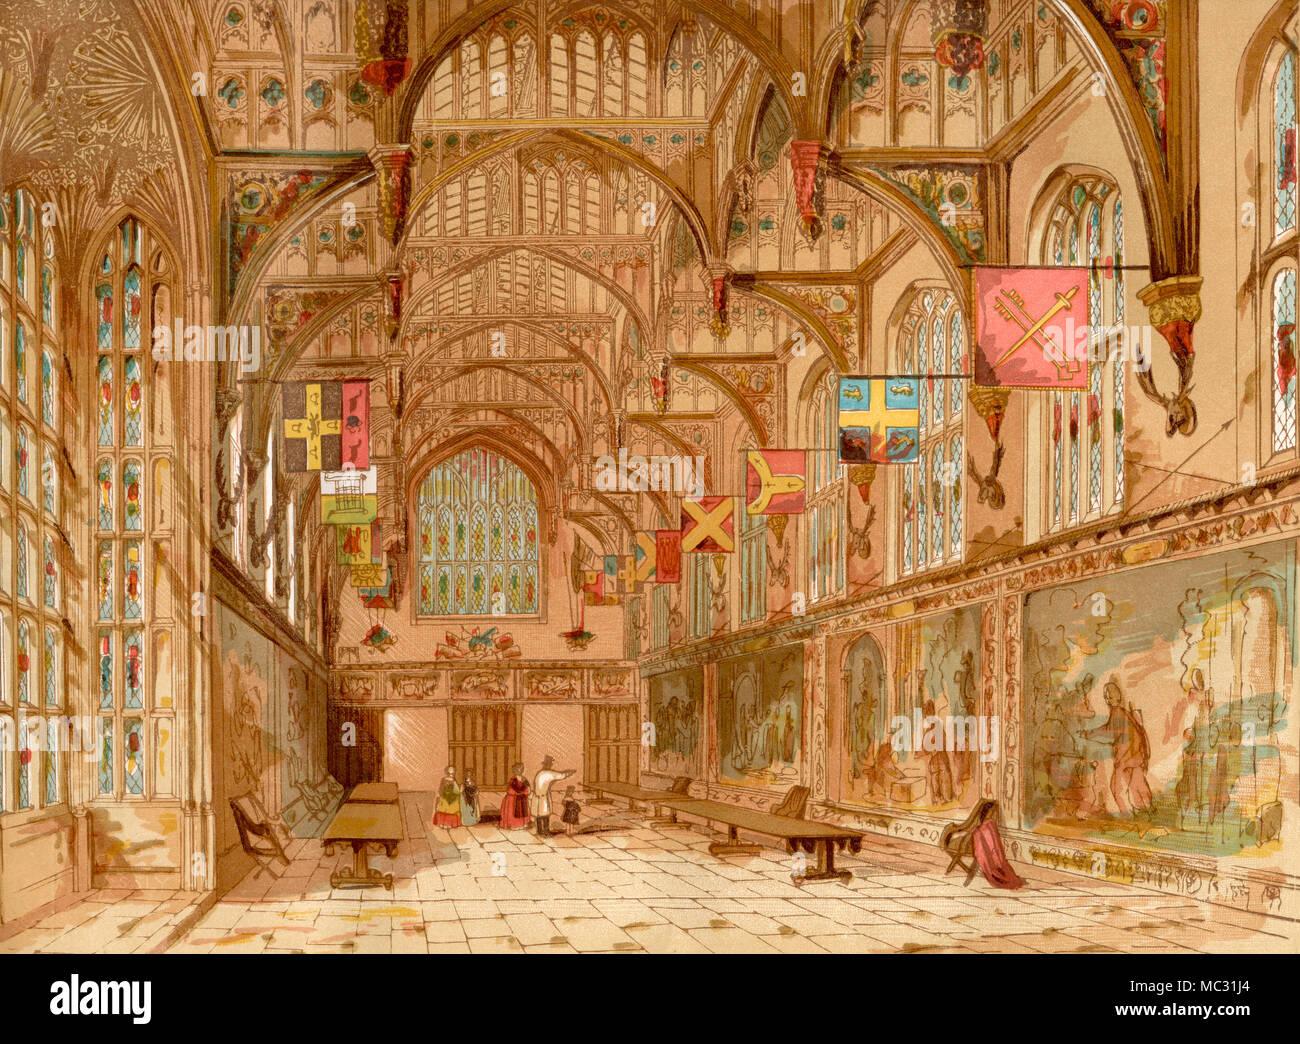 Image result for photo of Hampton Hall England